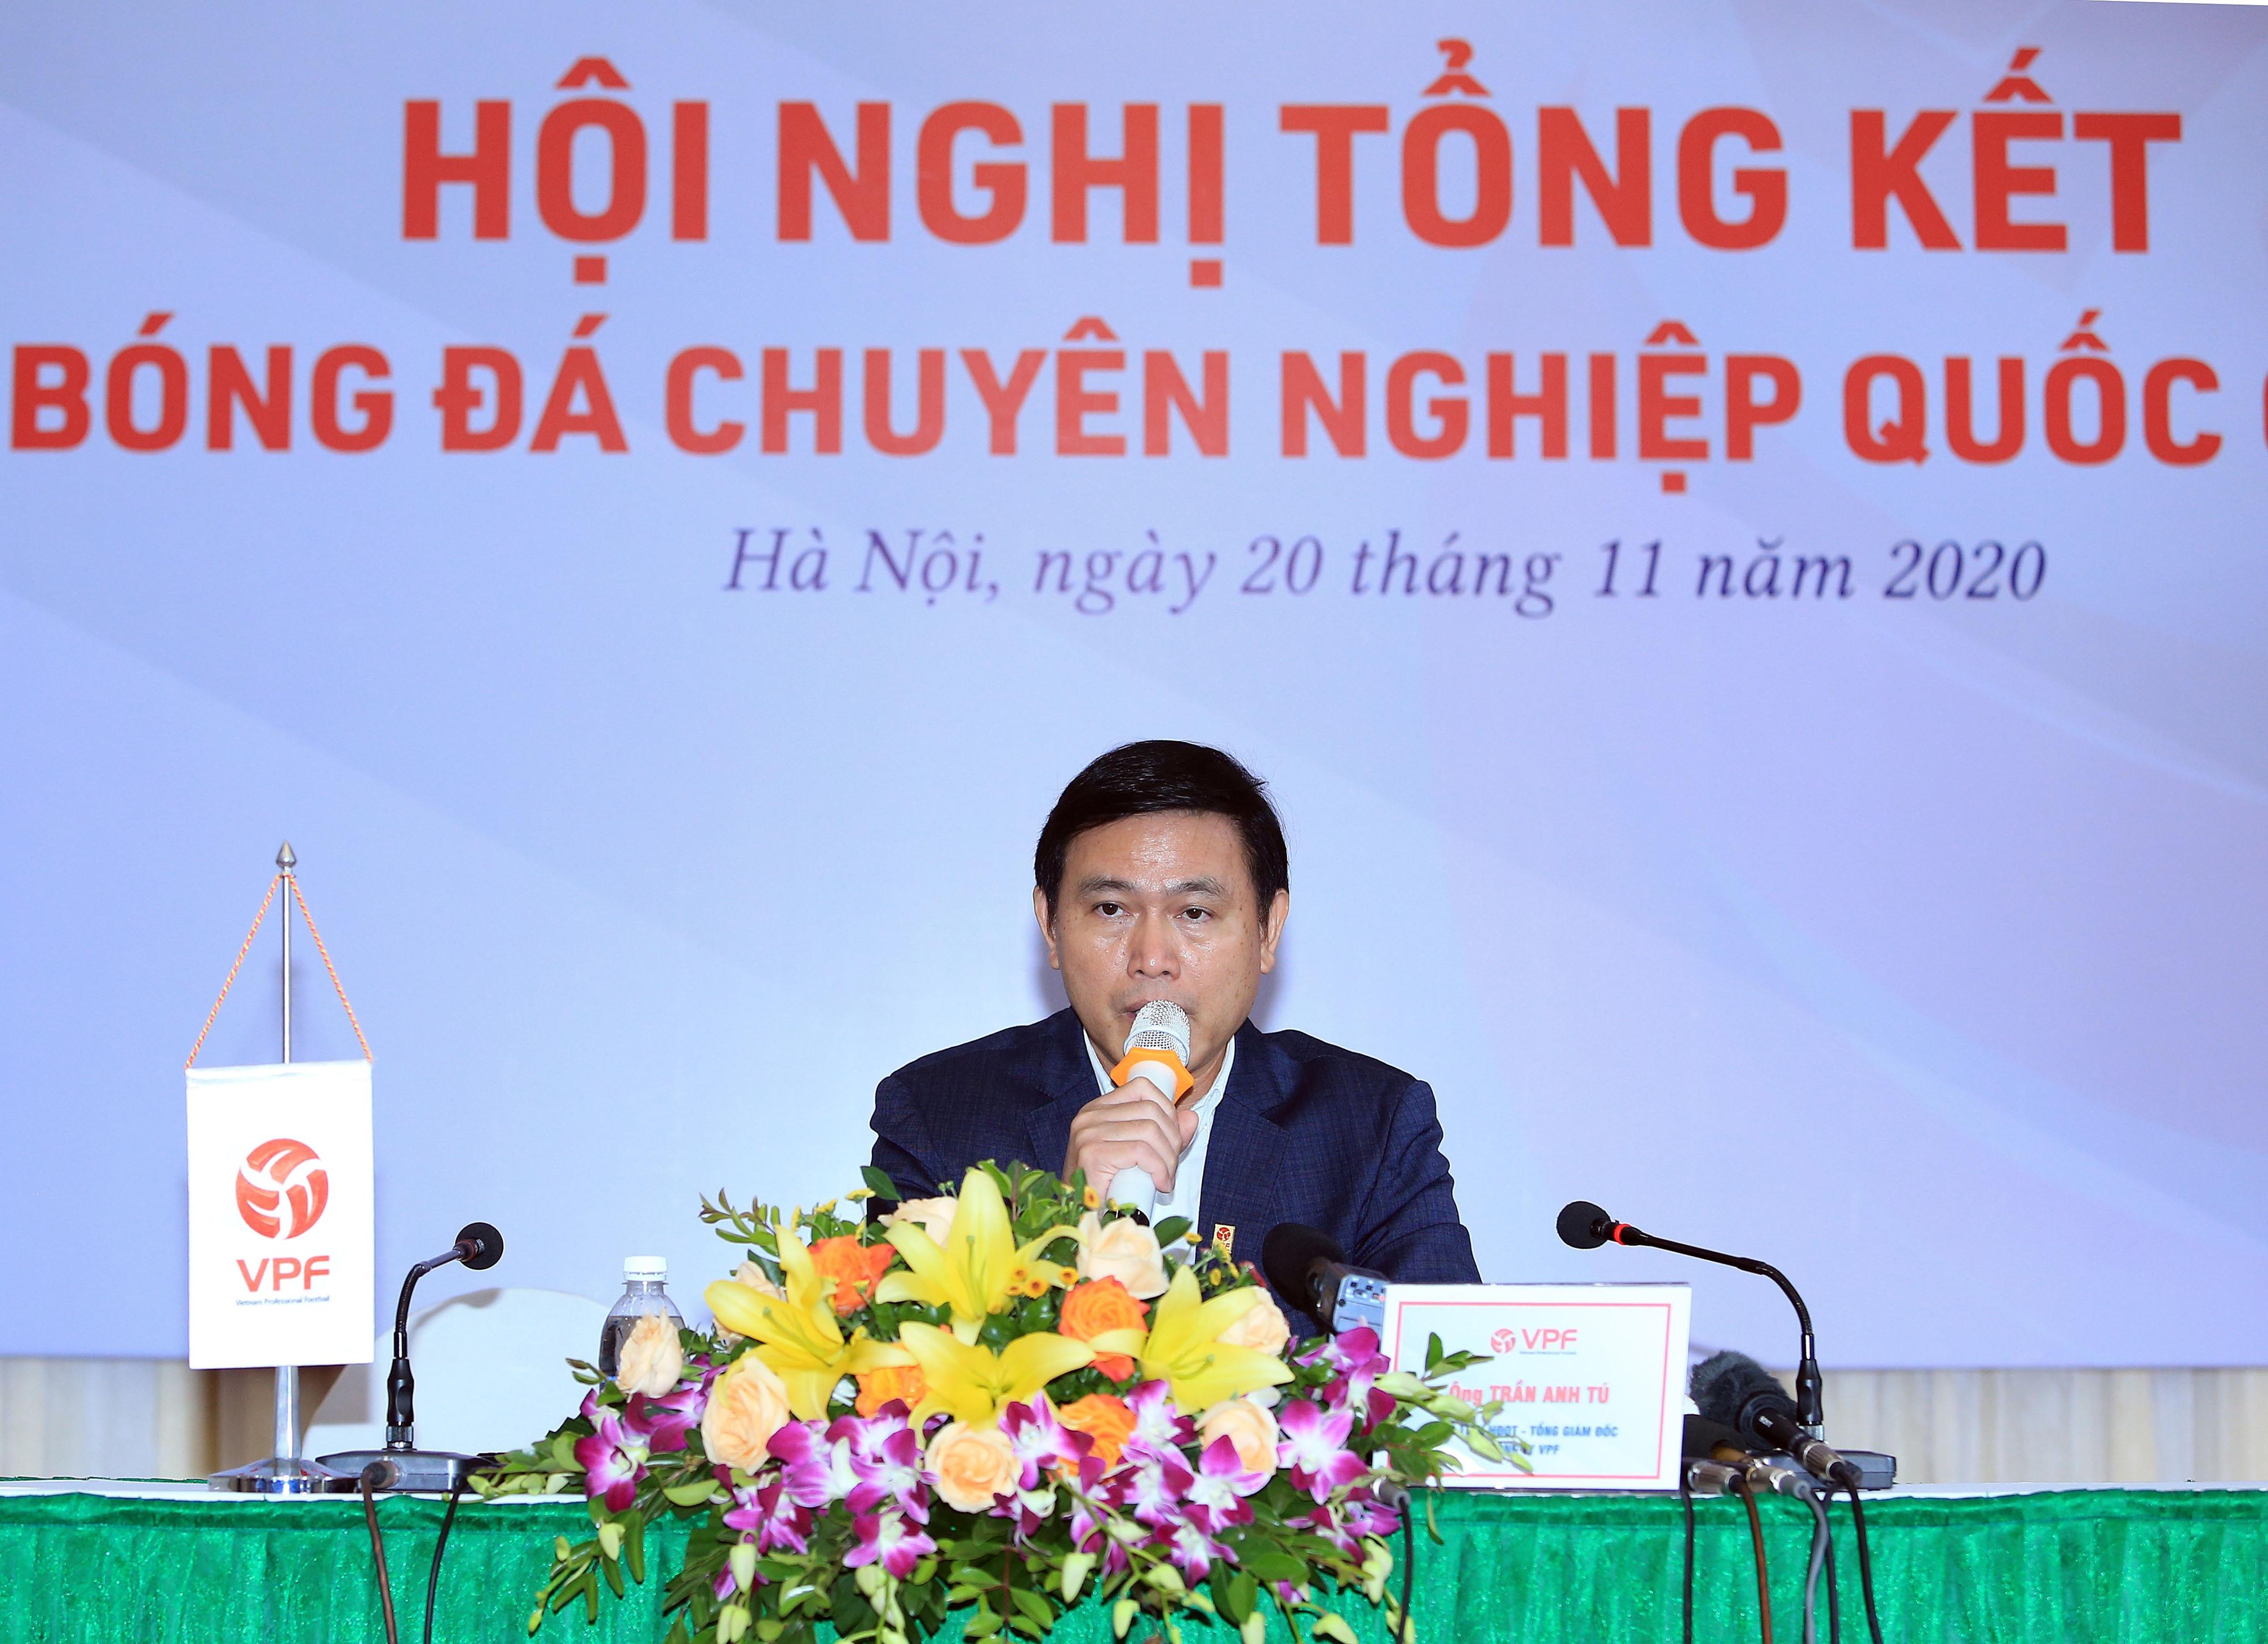 Ông Trần Anh Tú - Chủ tịch kiêm TGĐ VPF cho biết VFF, VPF ưu tiên sử dụng trọng tài nội ở V.League dù chất lượng chưa cao - Ảnh: Đức Cường